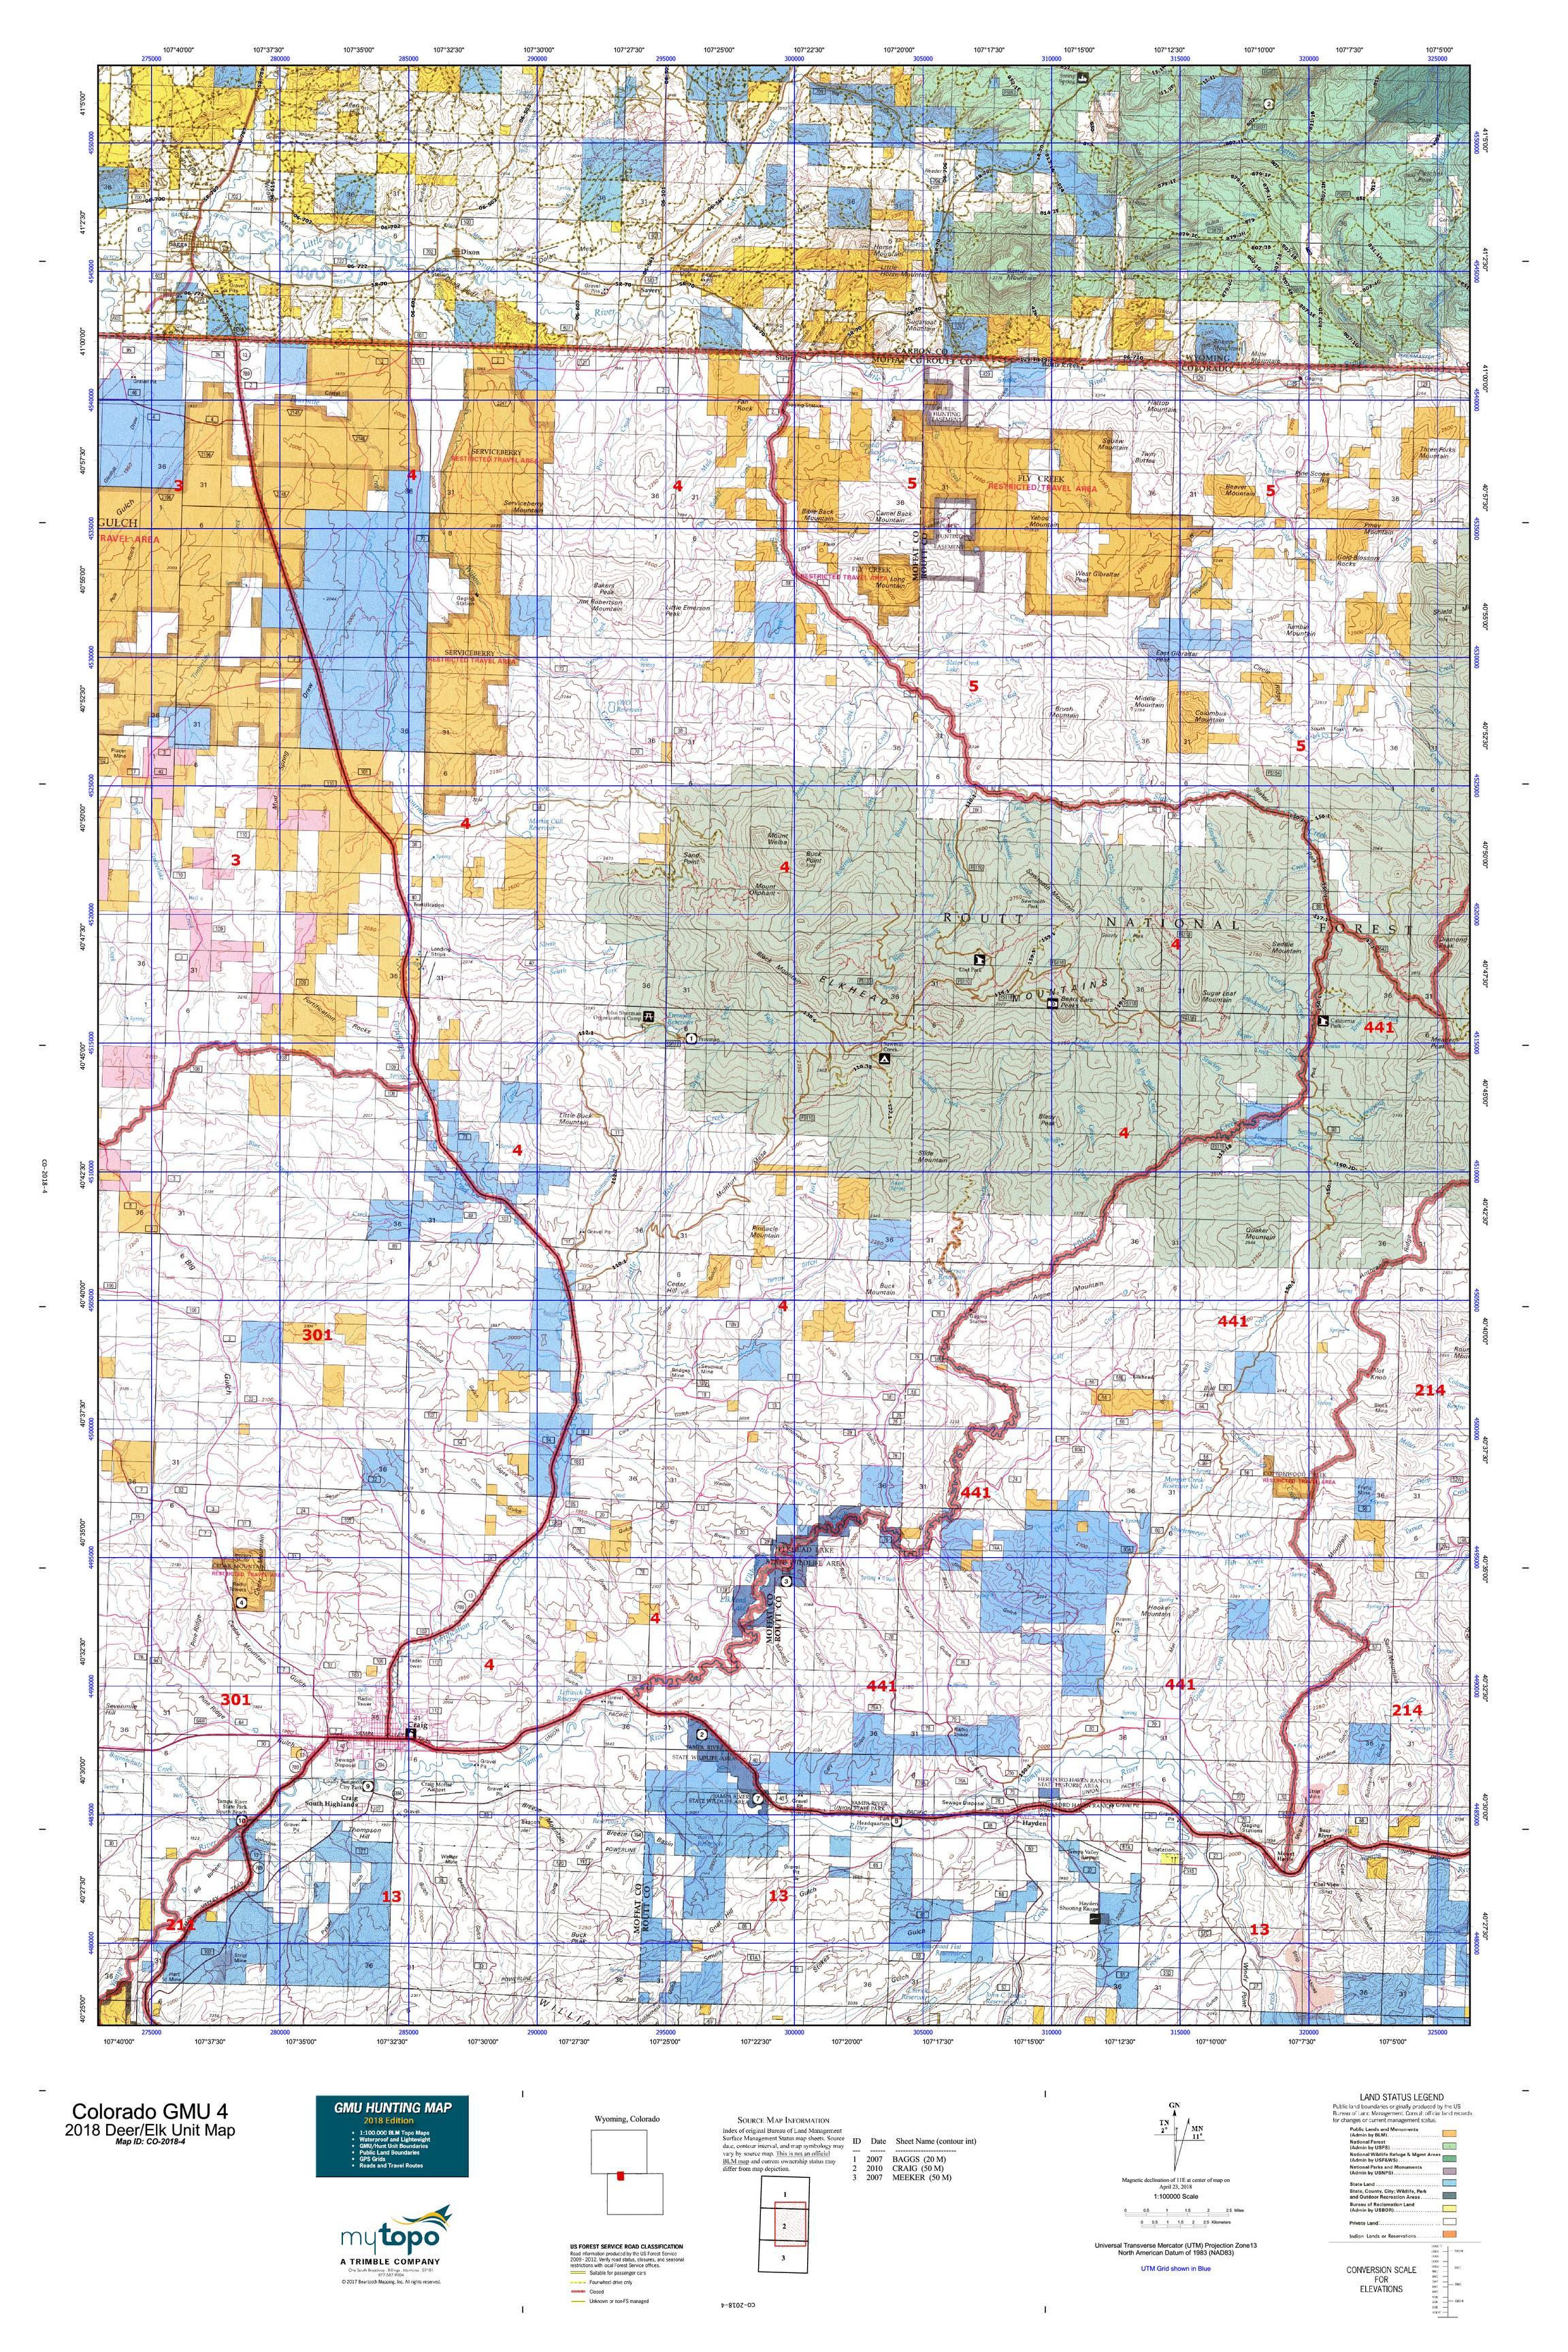 Colorado Gmu Map Colorado GMU 4 Map | MyTopo Colorado Gmu Map